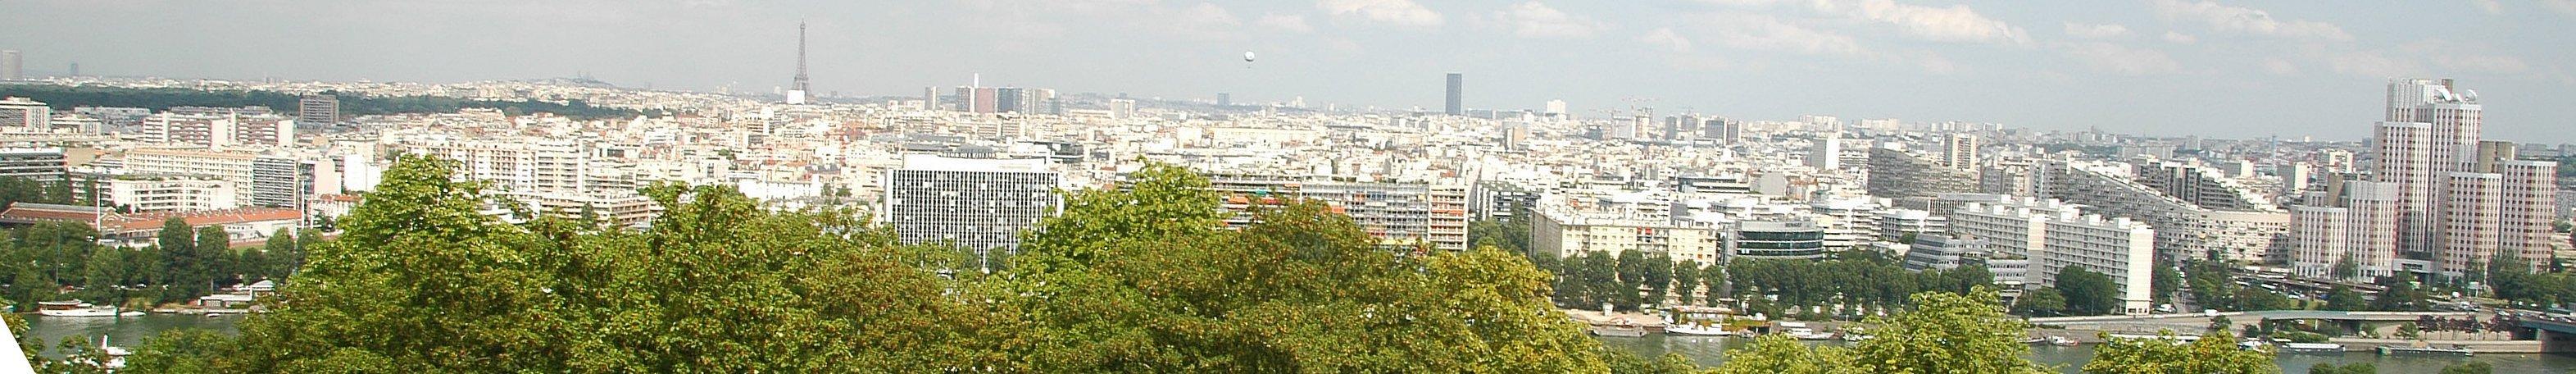 Vue de l'agglomération parisienne depuis la Lanterne (balcon) du Parc de Saint-Cloud, en surplomb de la Seine - Photo : Wikipédia